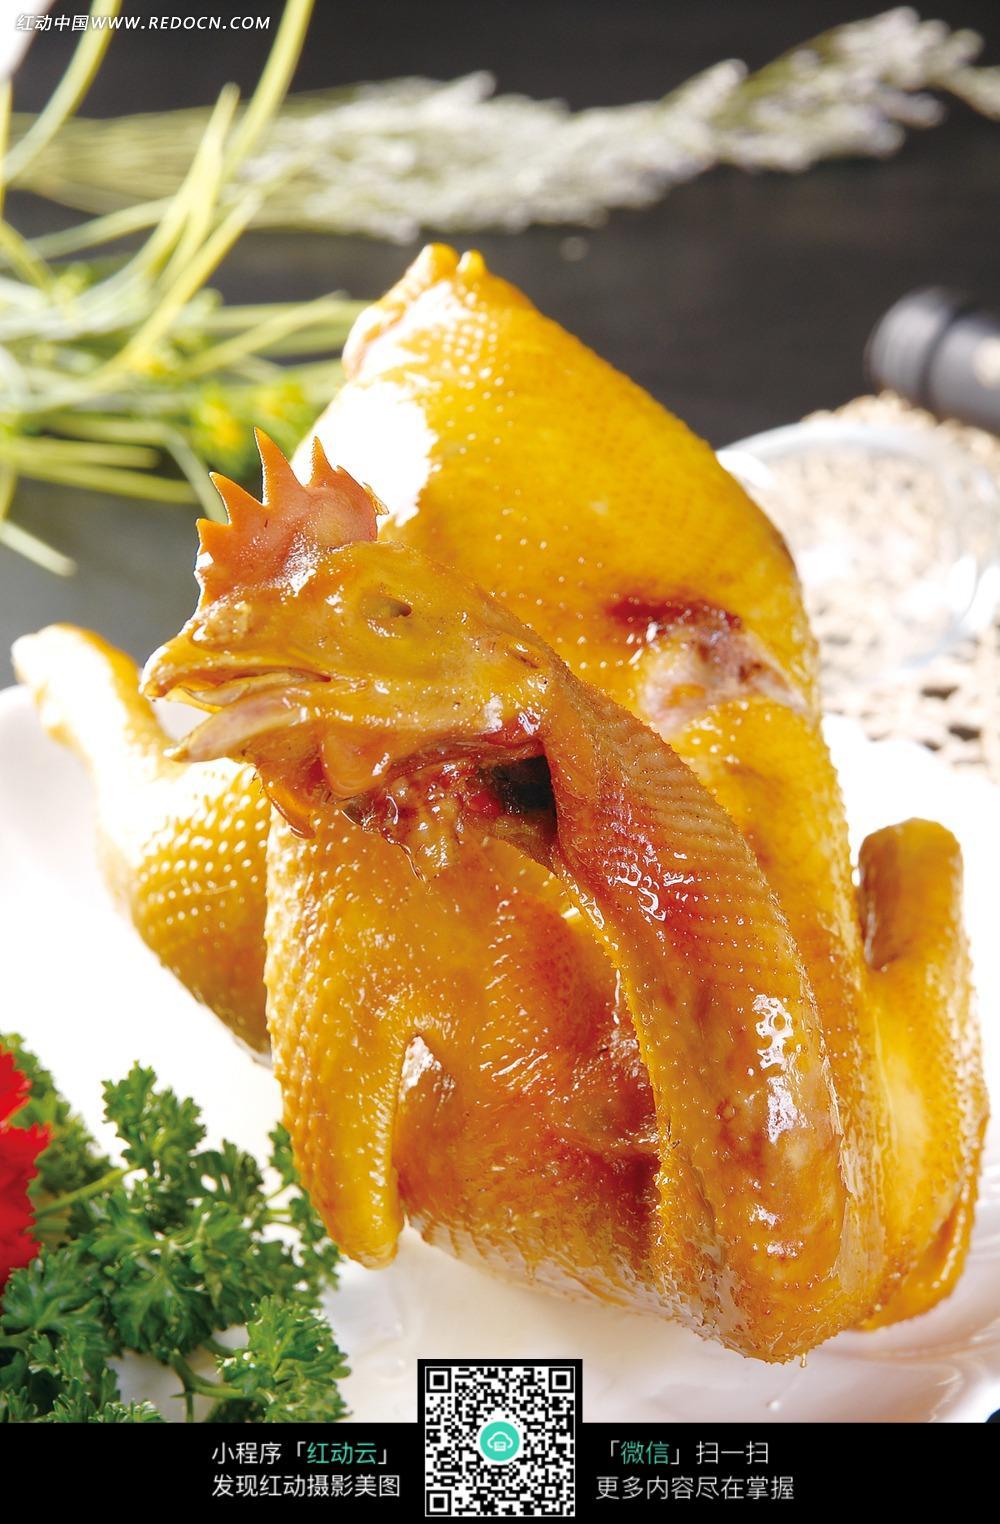 免费素材 图片素材 餐饮美食 中华美食 岭南风水鸡